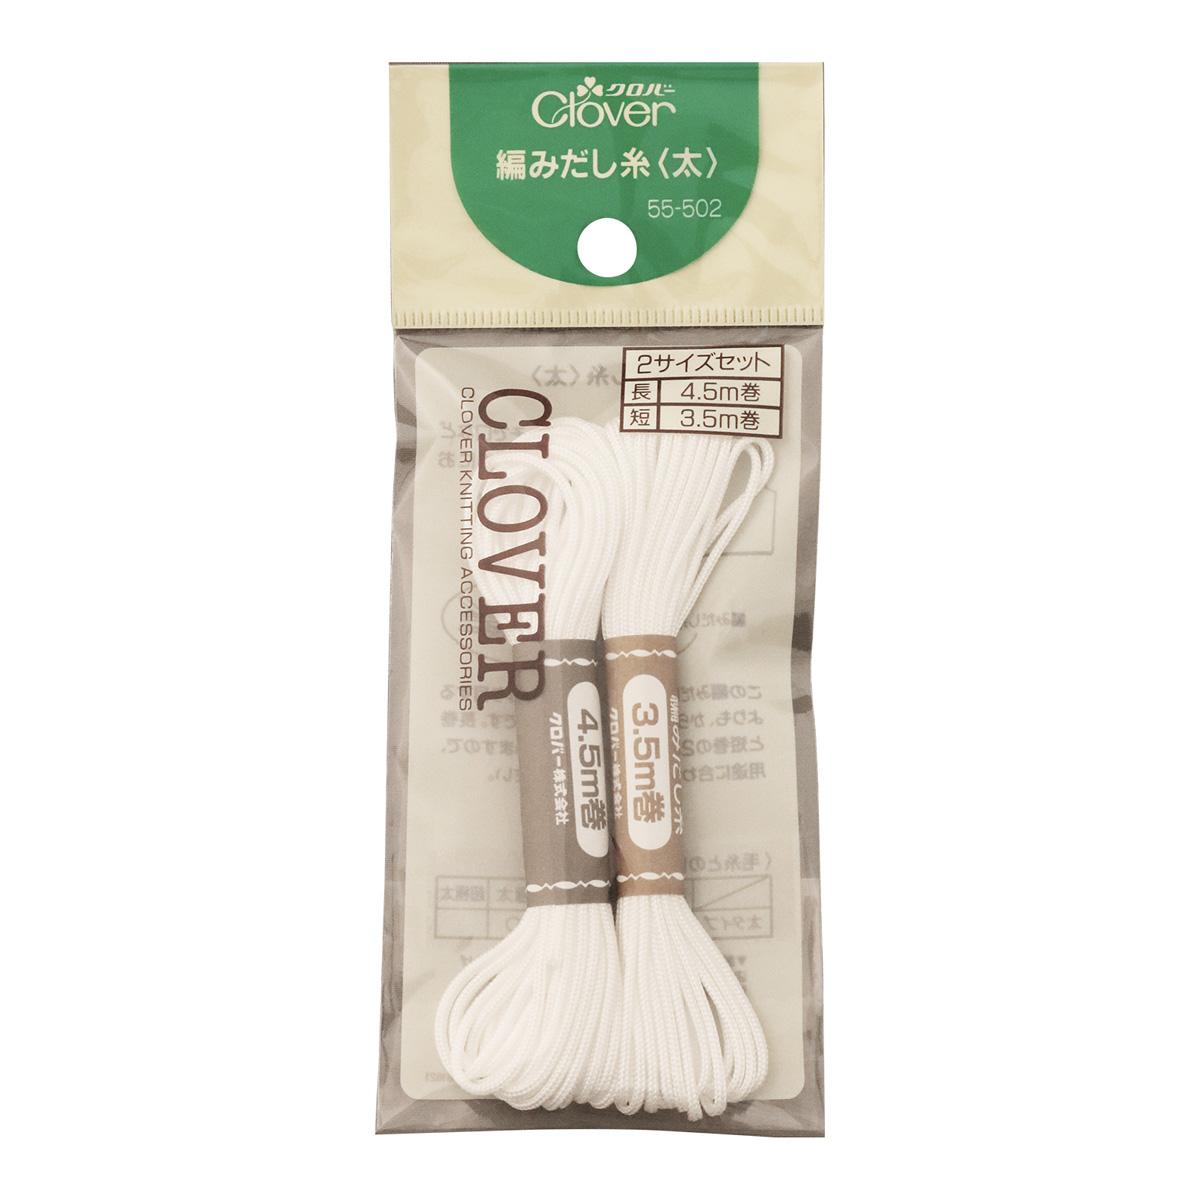 編みだし糸 太 55502 クロバー 編み物 毛糸 手芸 裁縫 ソーイング用品 洋裁 ハンドクラフト かぎ編み